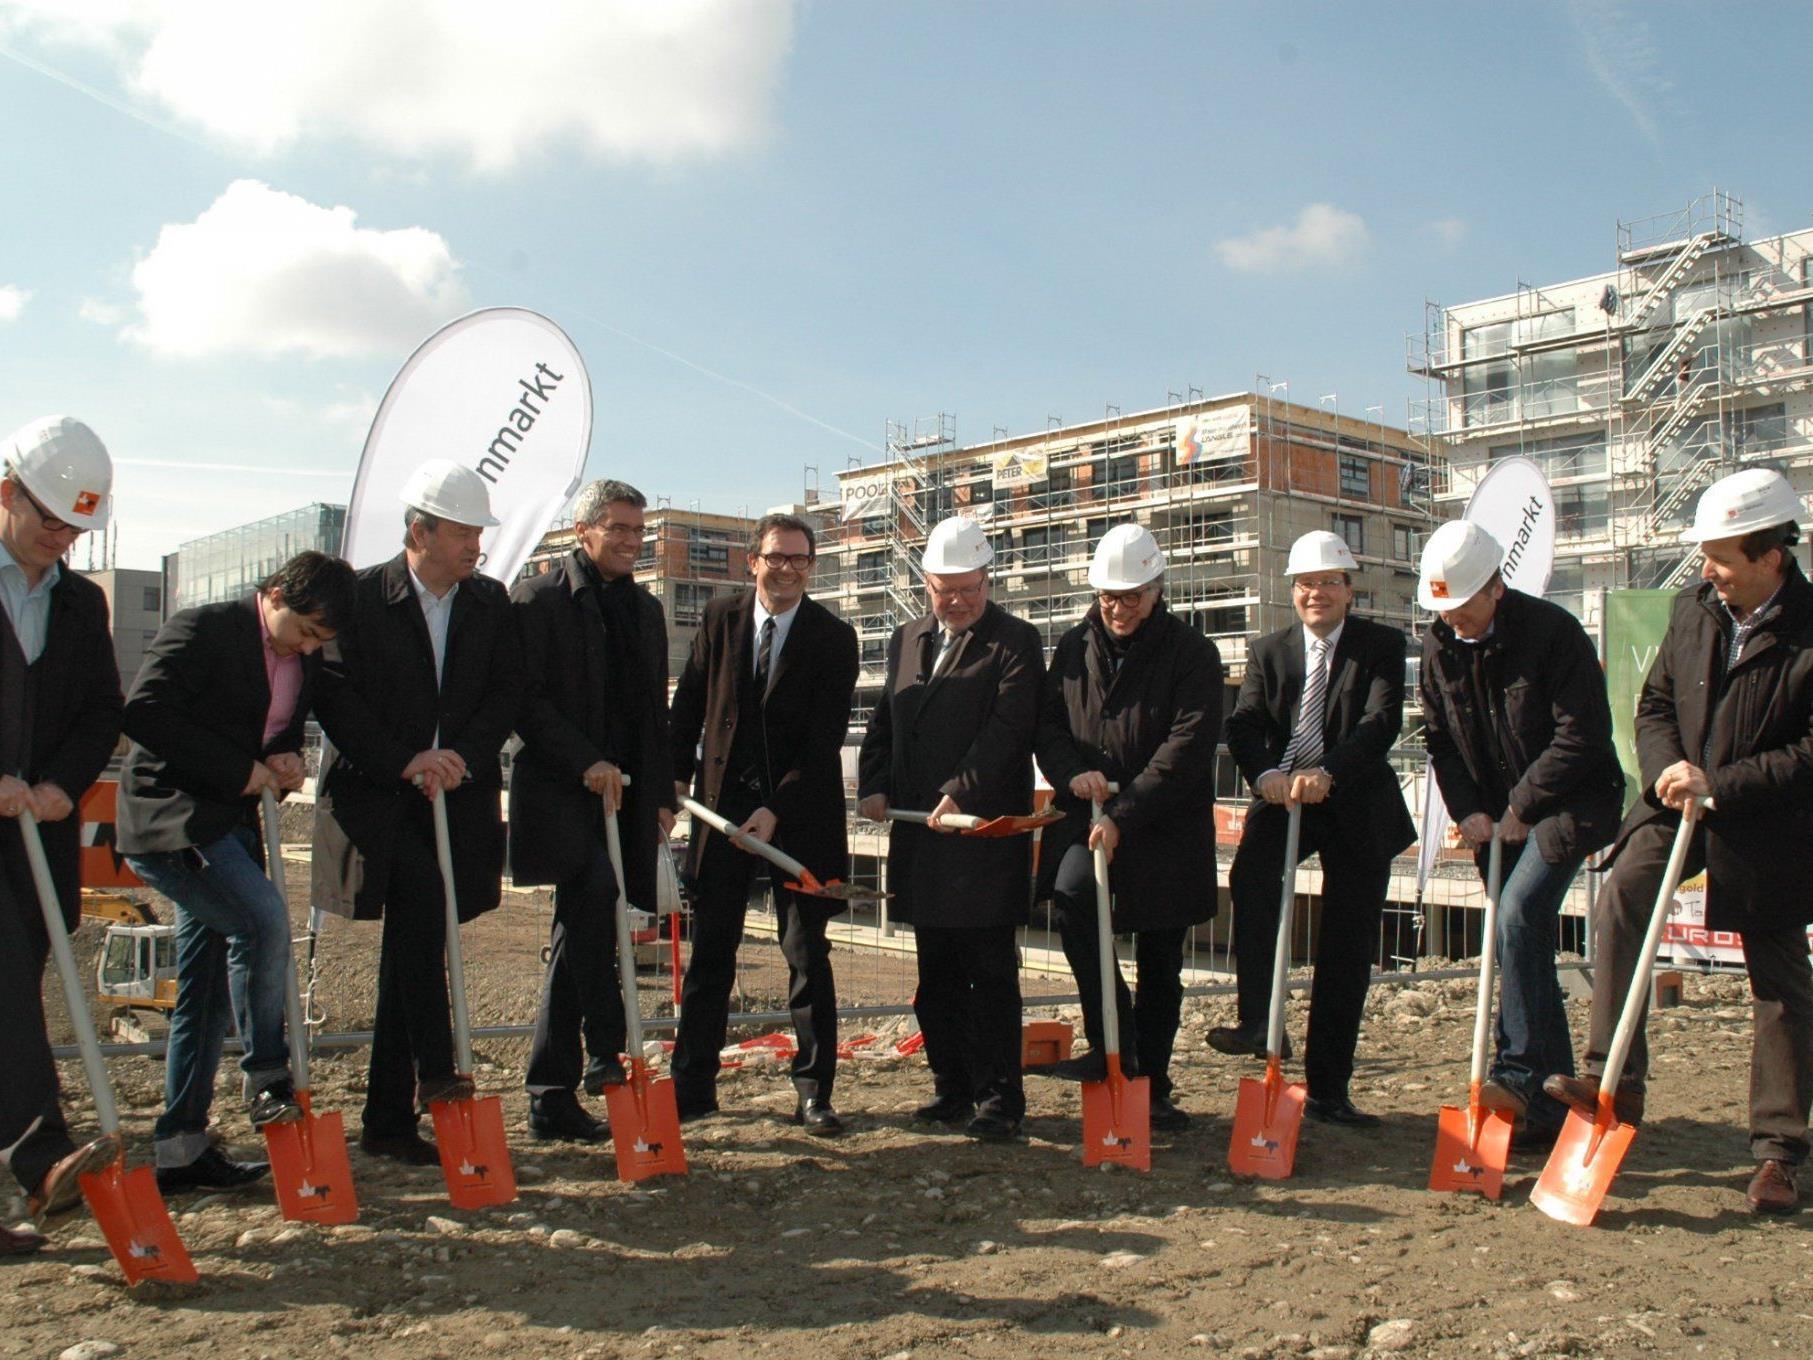 Der Spatenstich zur dritten Phase der Zentrumsentwicklung Am Garnmarkt ist erfolgt.